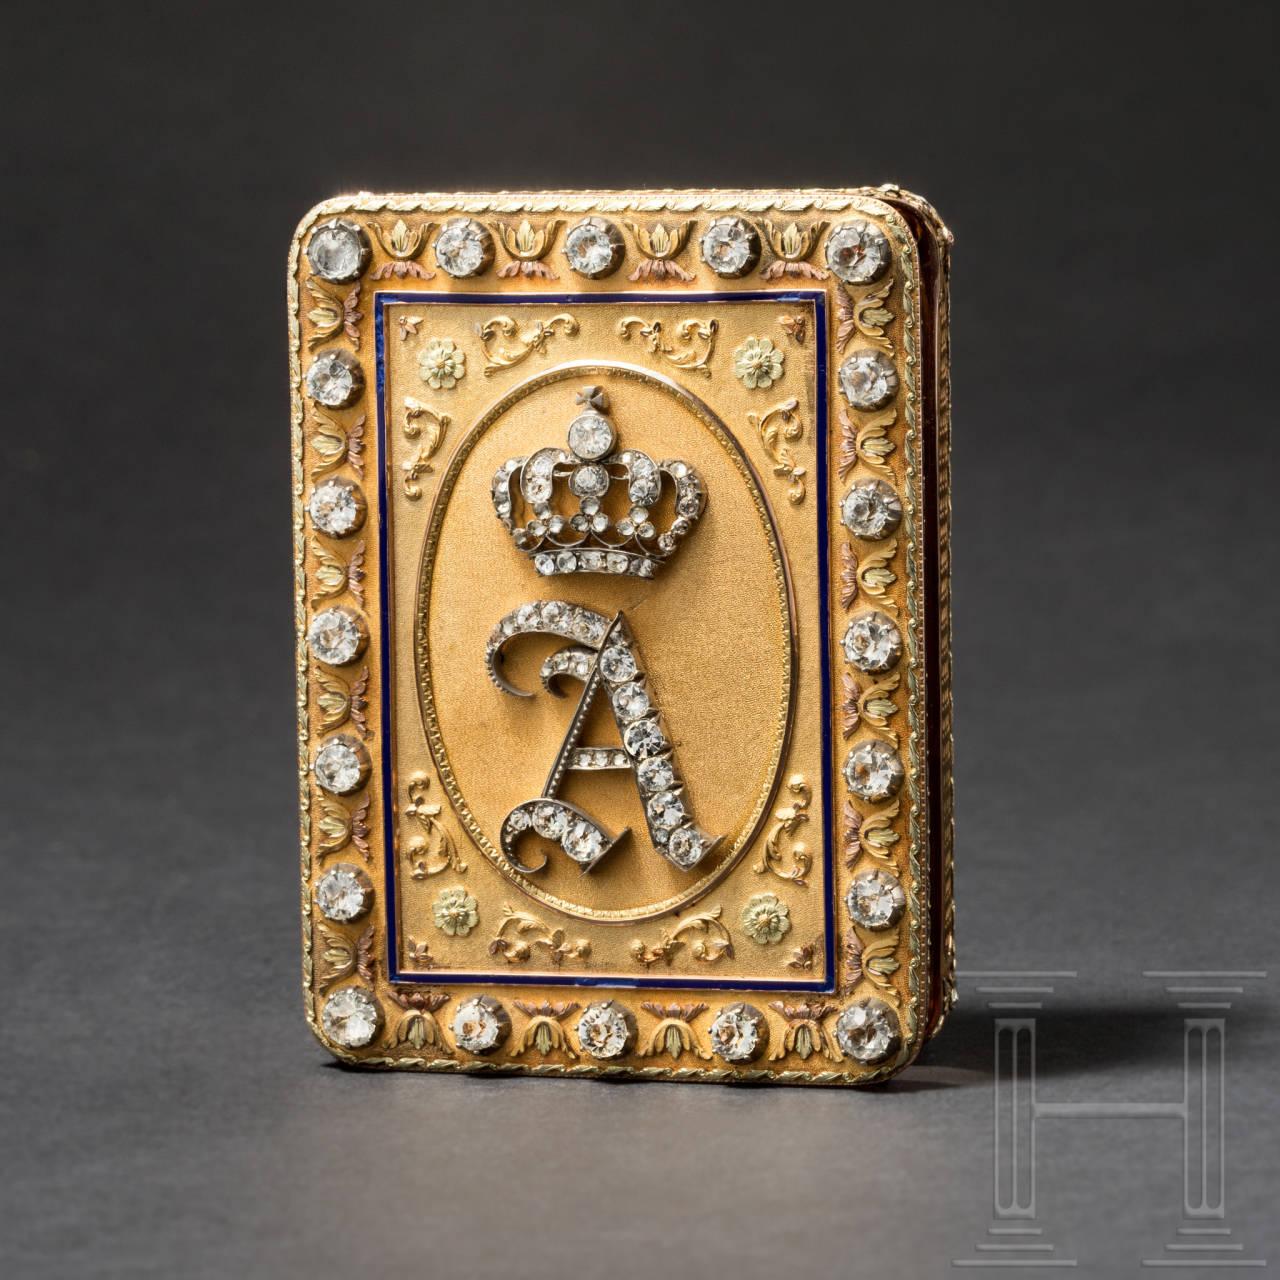 Großherzog August I. von Oldenburg (1783 - 1853) - prunkvolle, goldene Geschenkdose, Charles Collins & Söhne, Hanau, um 1830/40